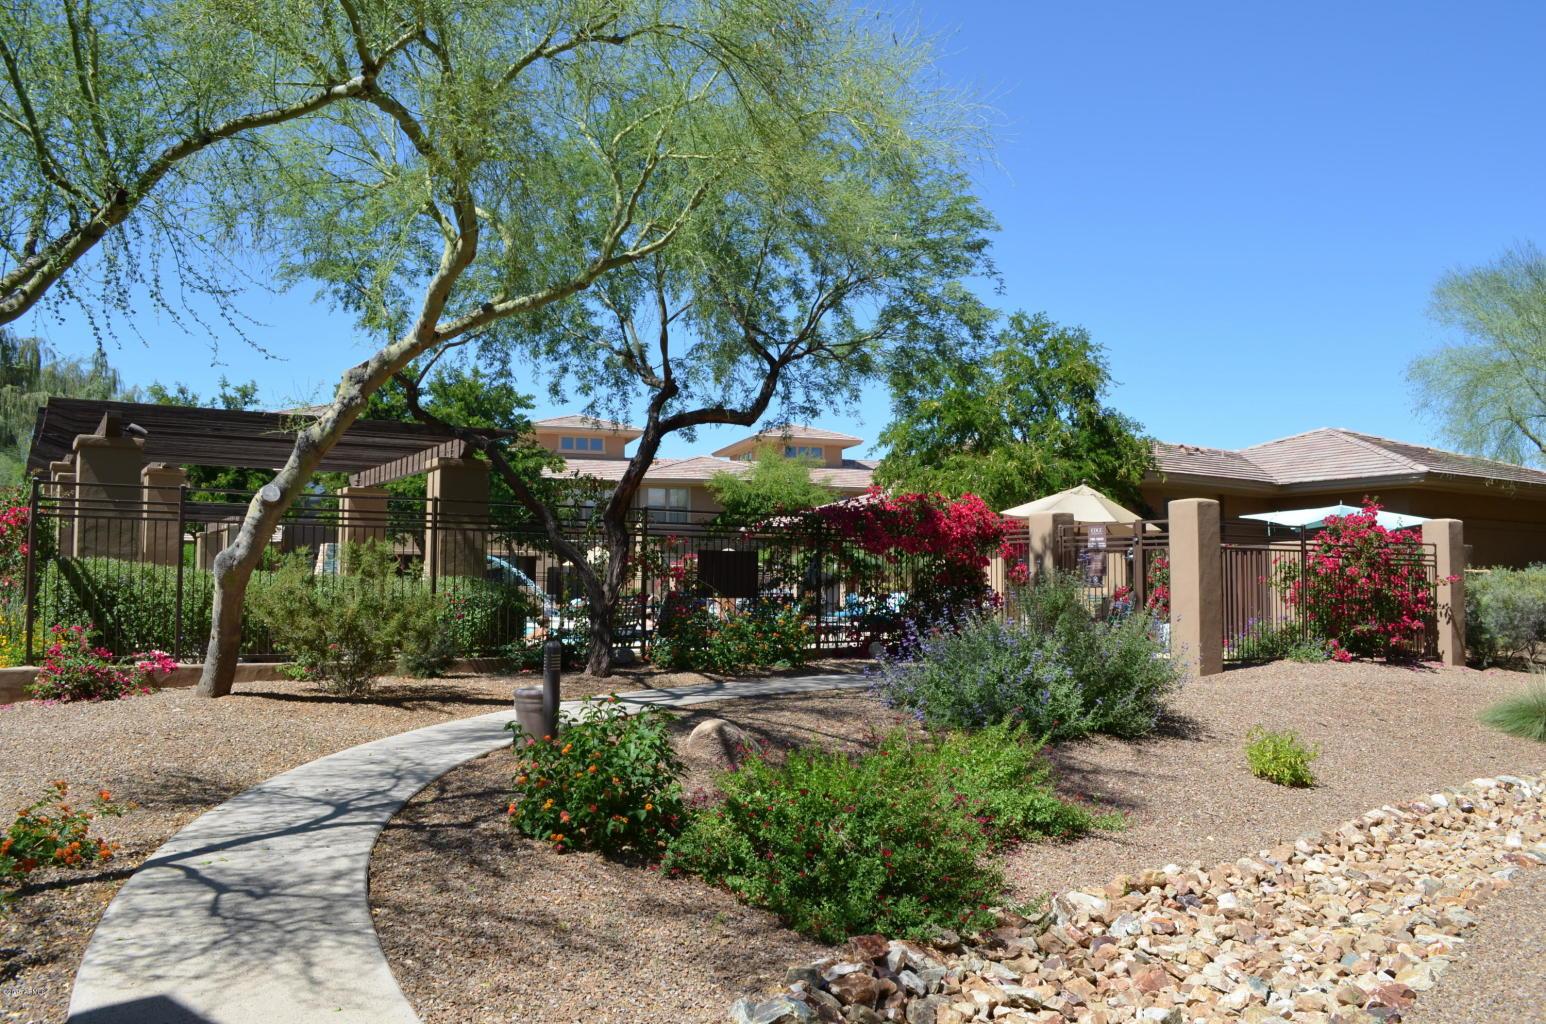 2100 N 78th Pl 2018, Scottsdale | $140,000